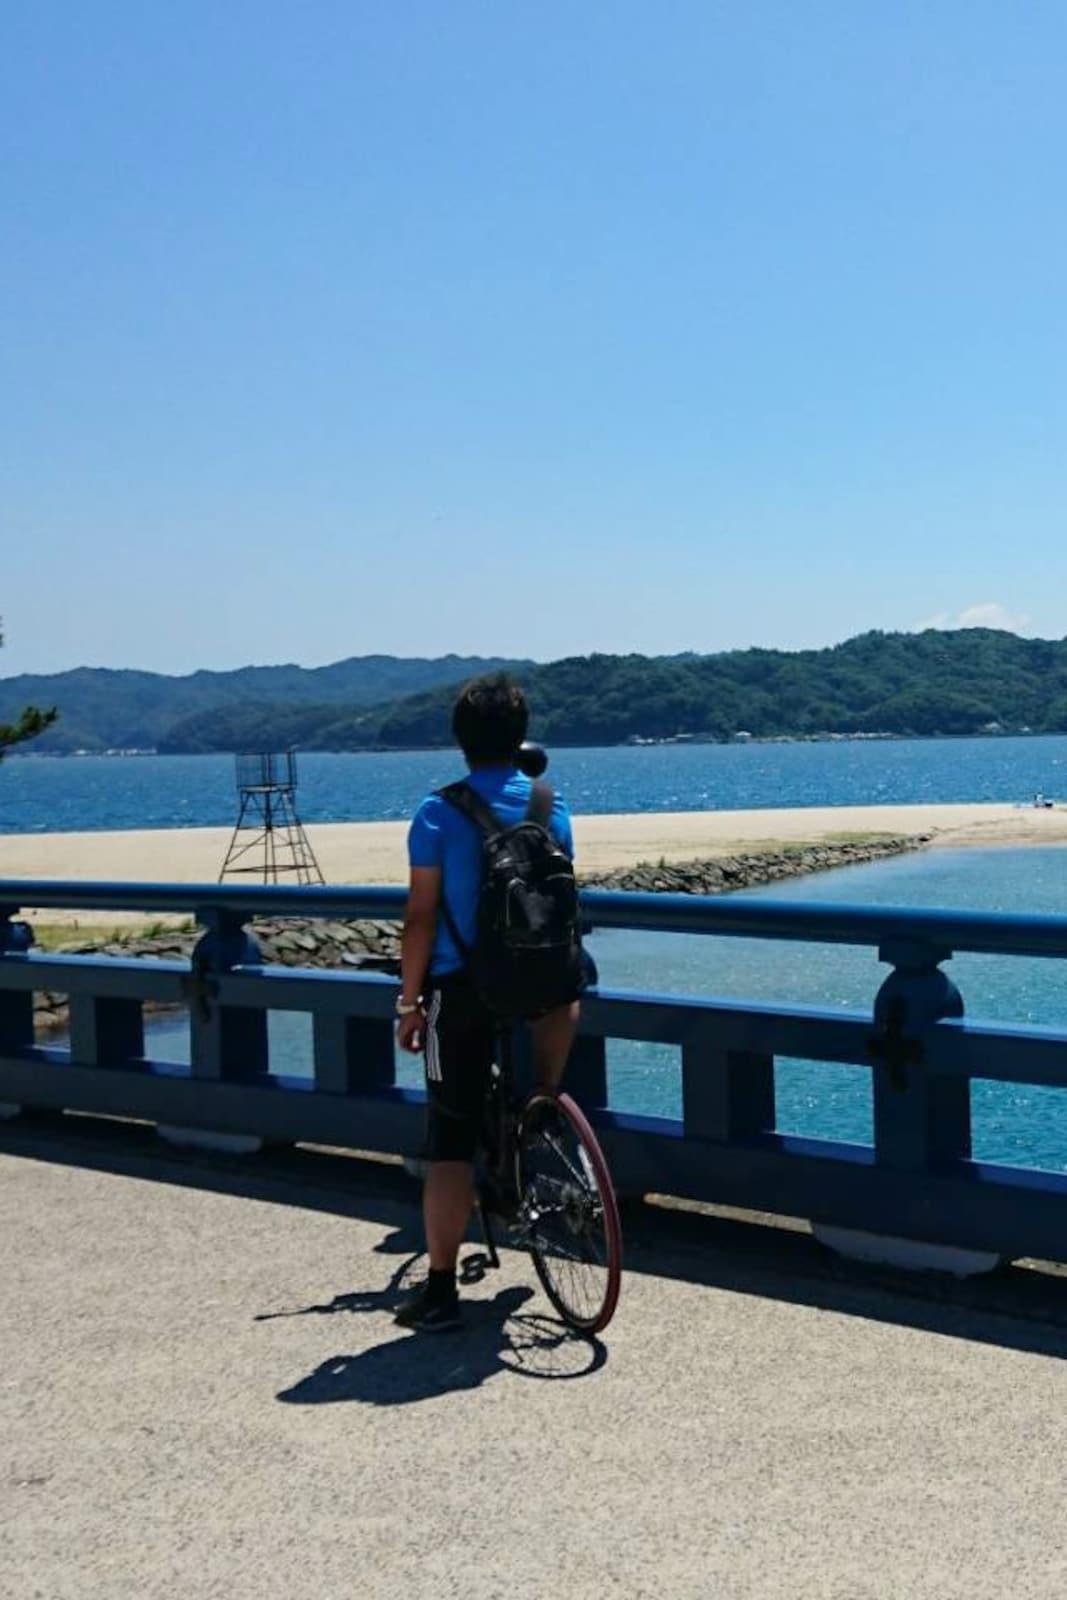 Cycle across the Amanohashidate sandbar